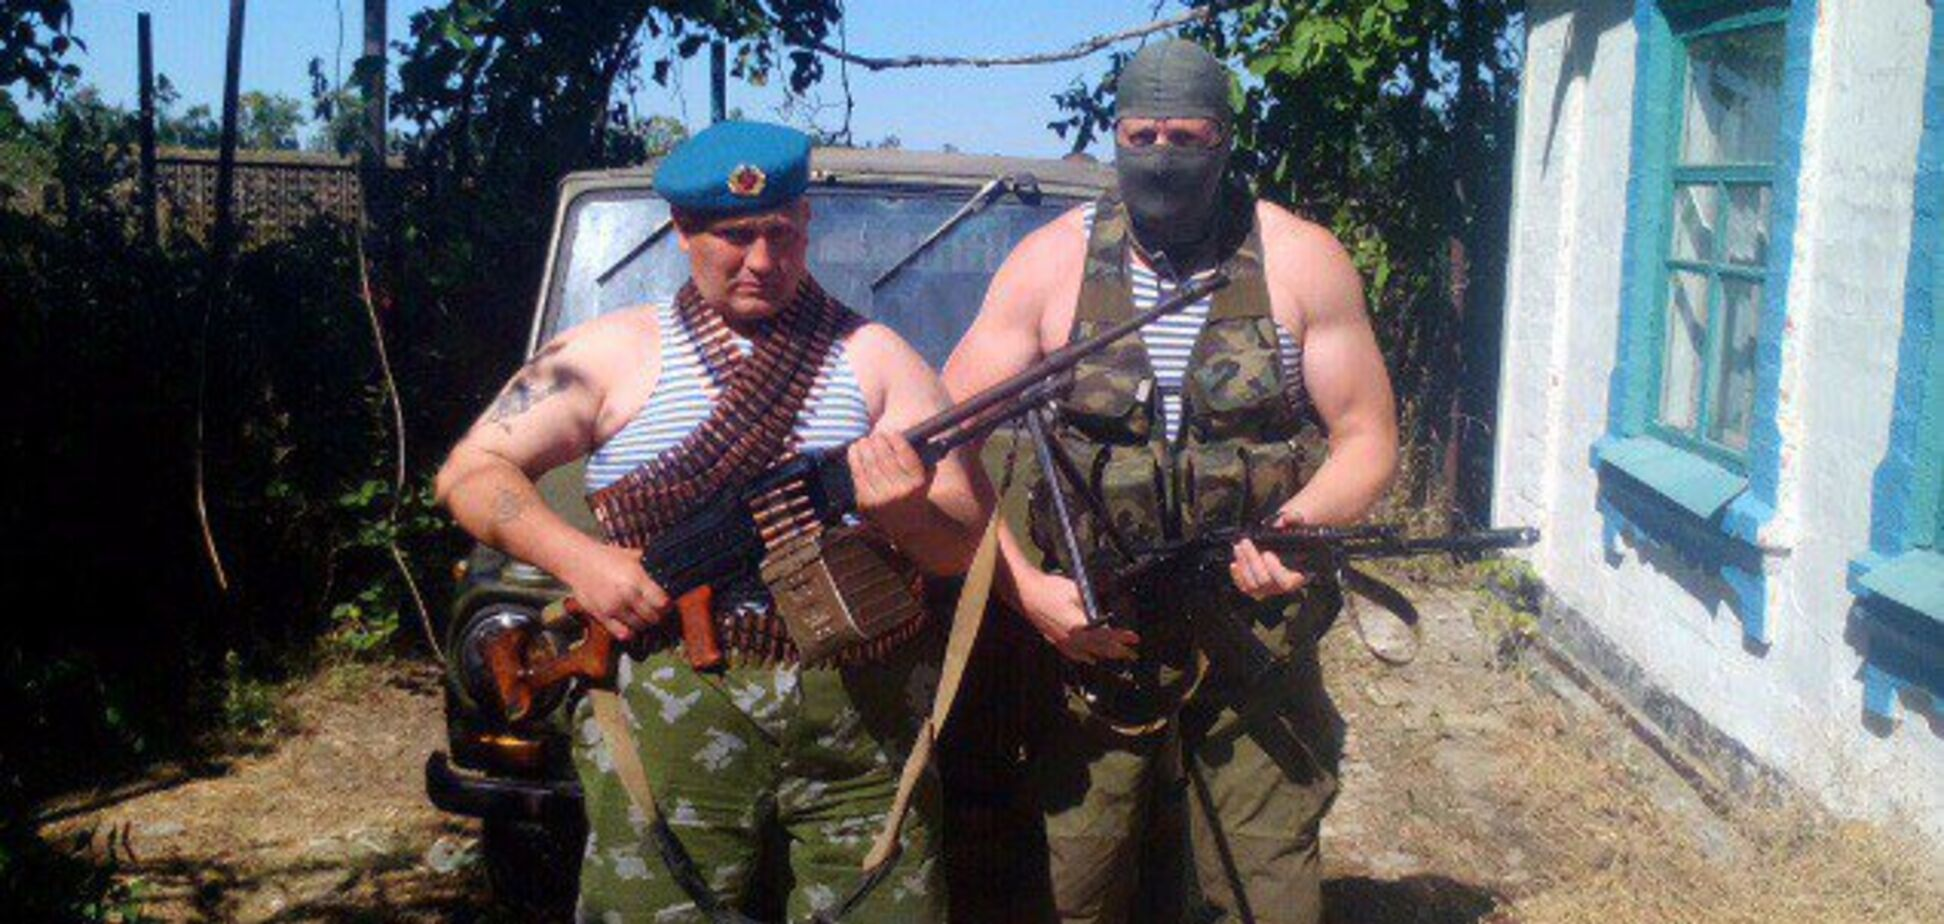 Новый 'груз 200': в сети показали очередного ликвидированного наемника Путина